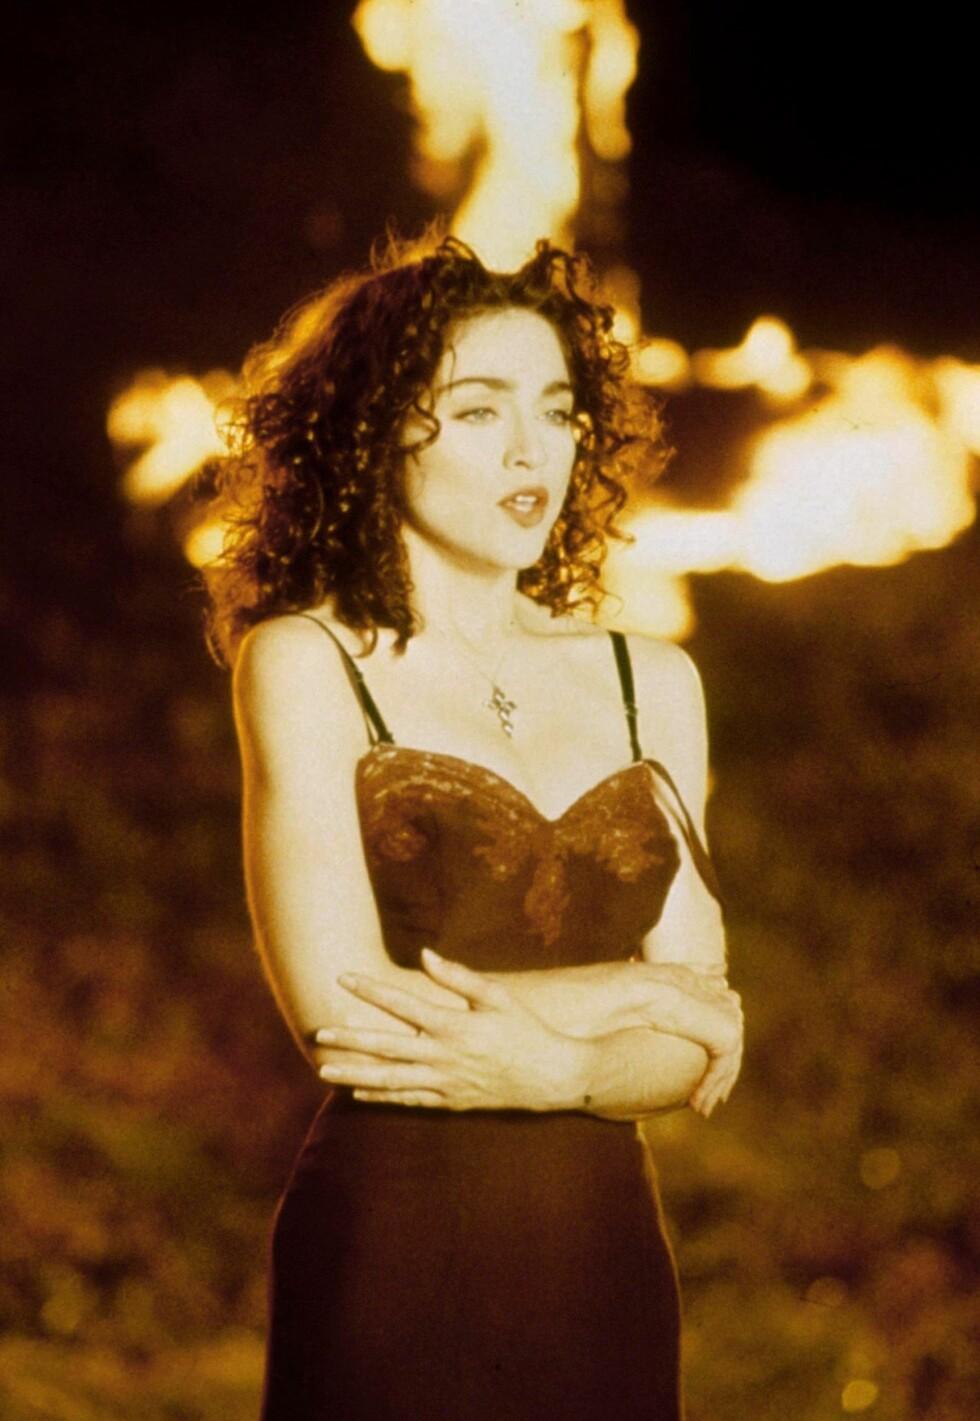 Madonna stilte med mørkt hår i den kontrovesielle musikkvideoen «Like a Prayer» fra 1989.